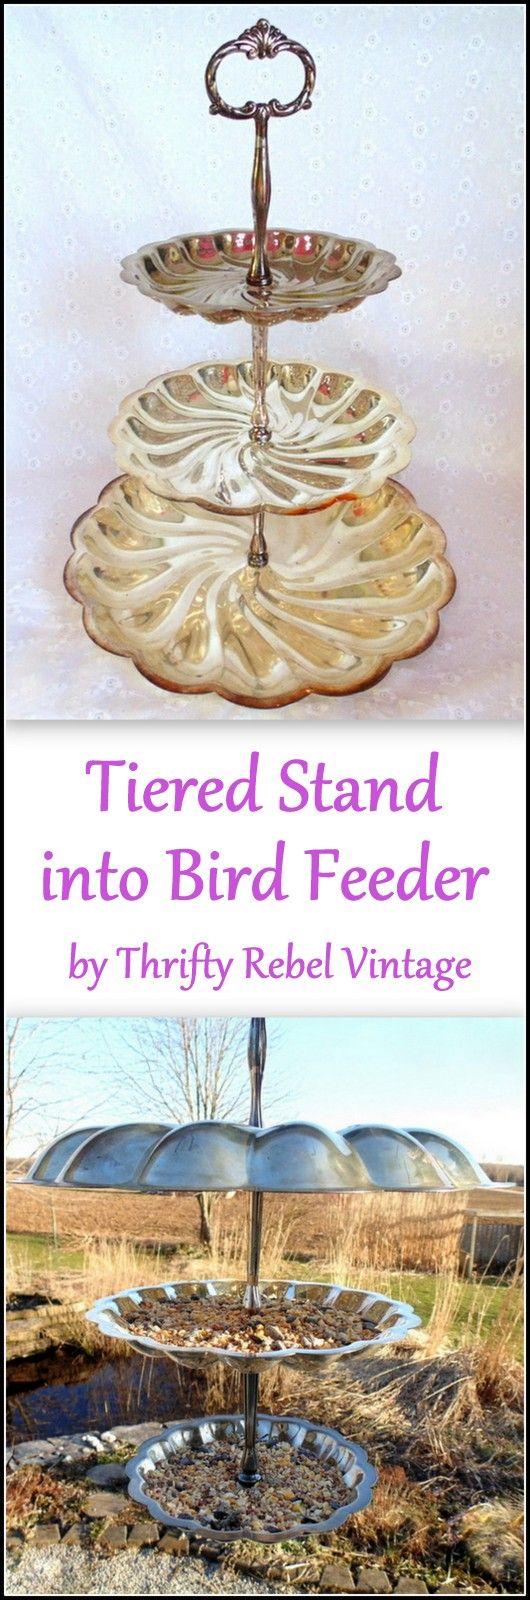 repurposed tiered stand birdfeeder by Thrifty Rebel Vintage